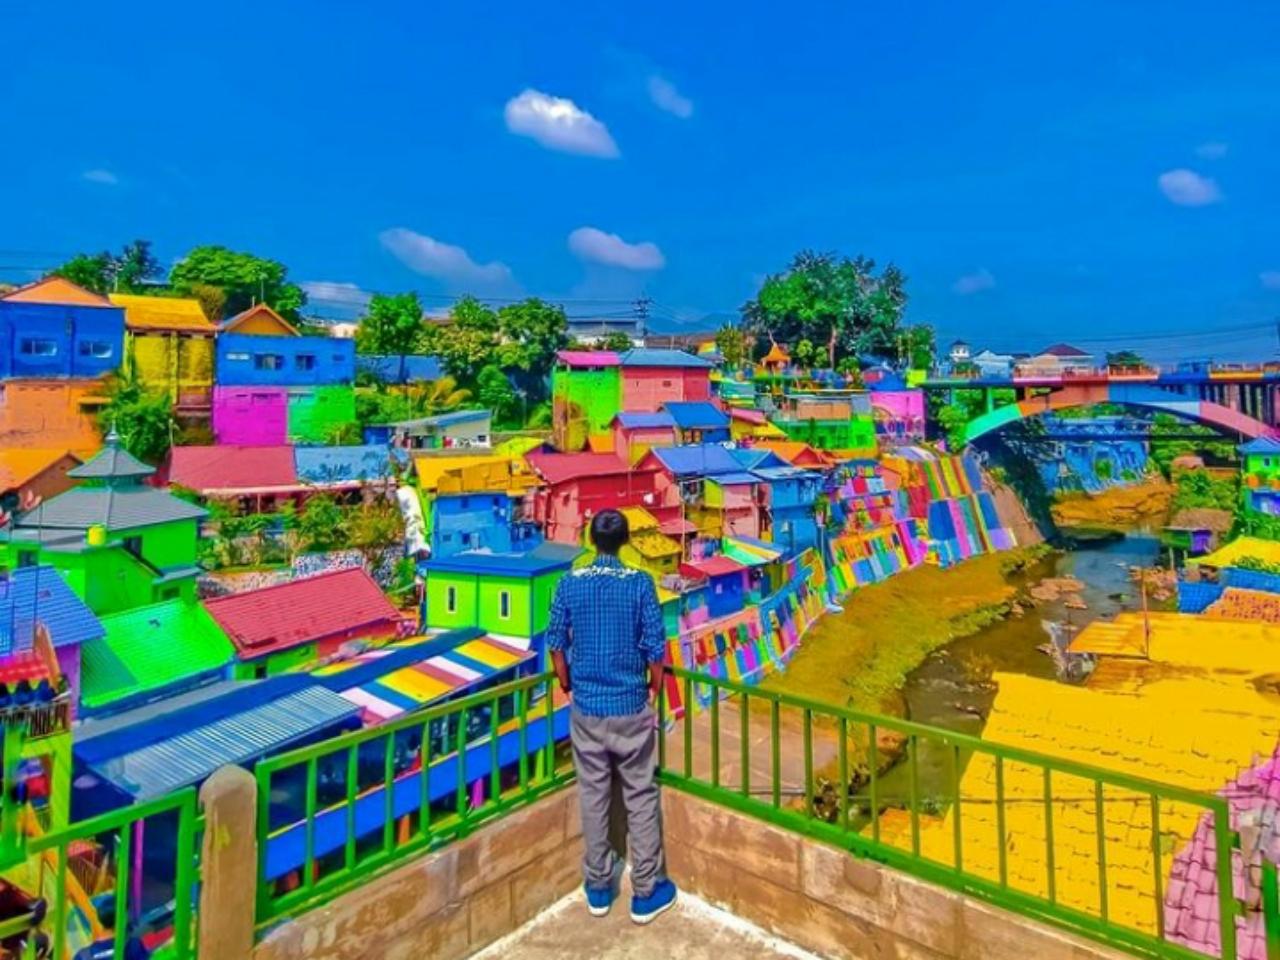 tempat wisata kampung jodipan malang di jawa timur